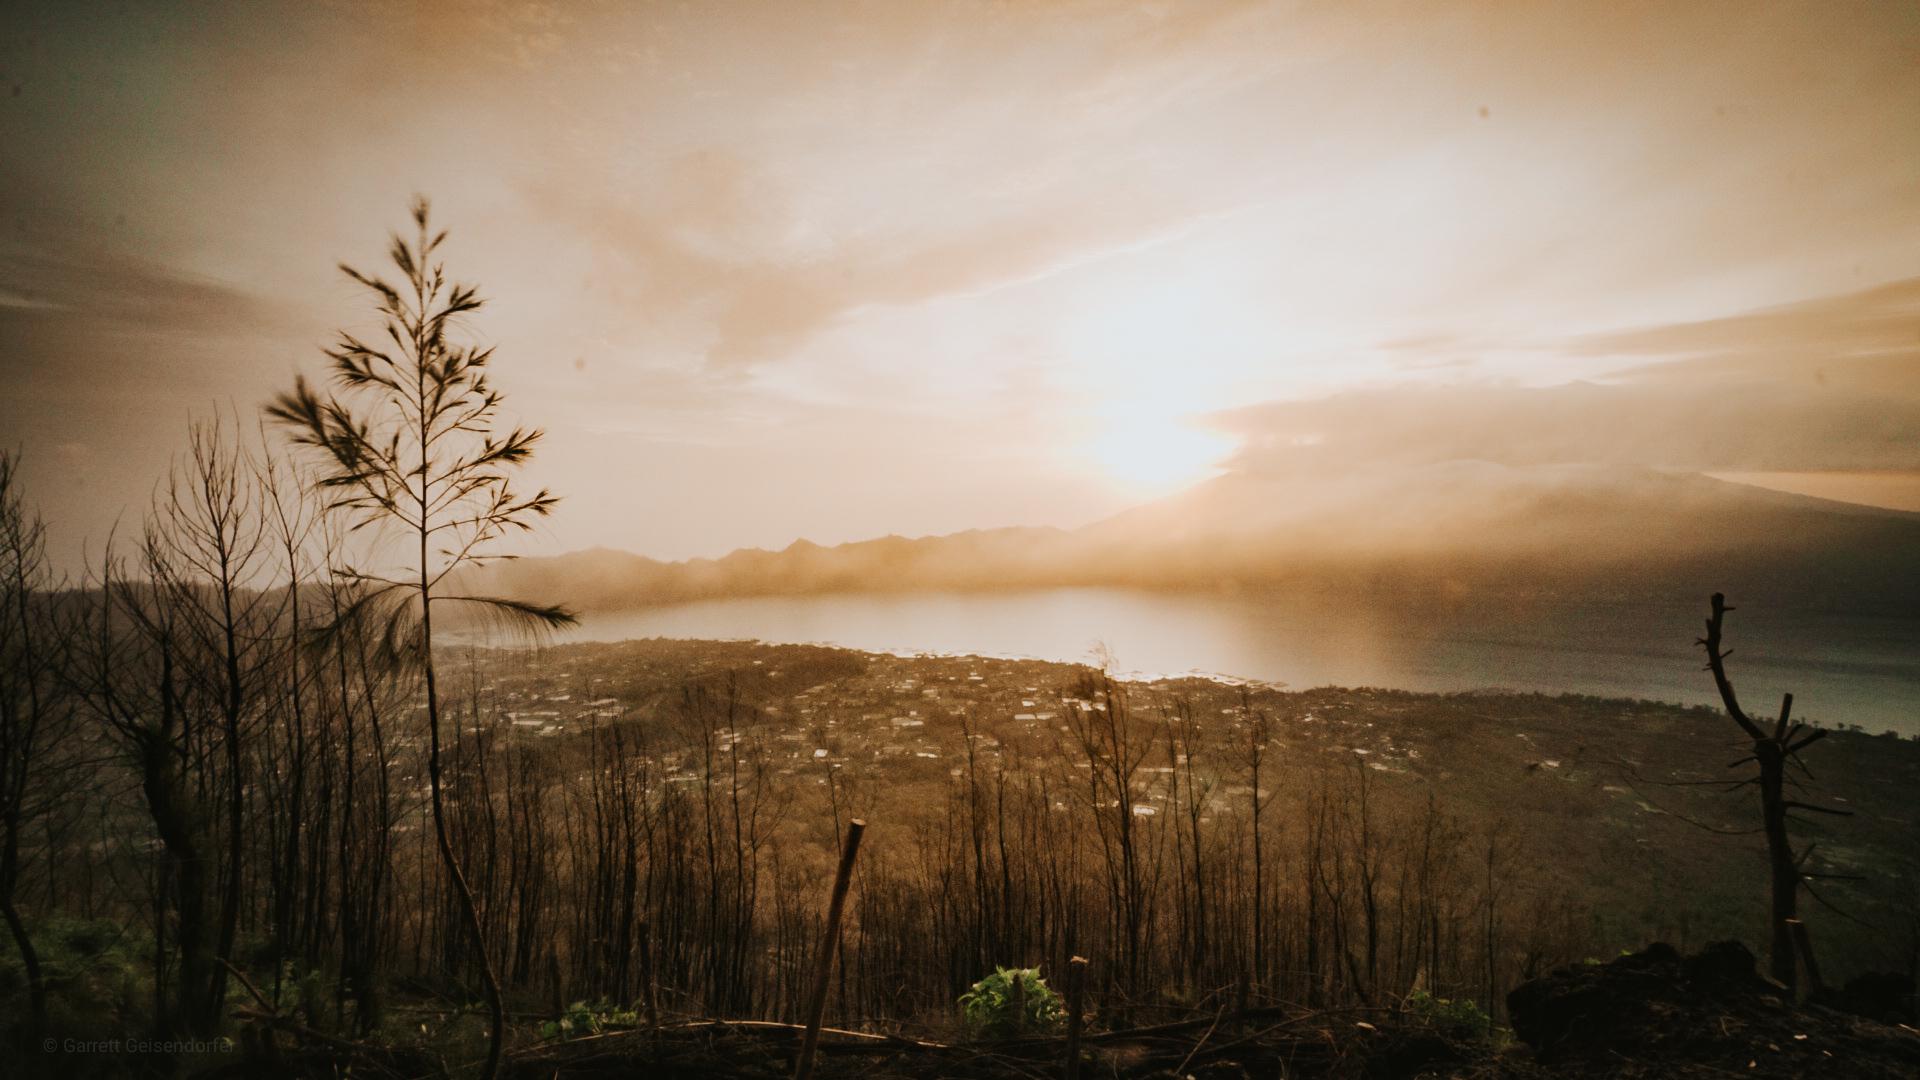 Sunrise at Mt. Batur